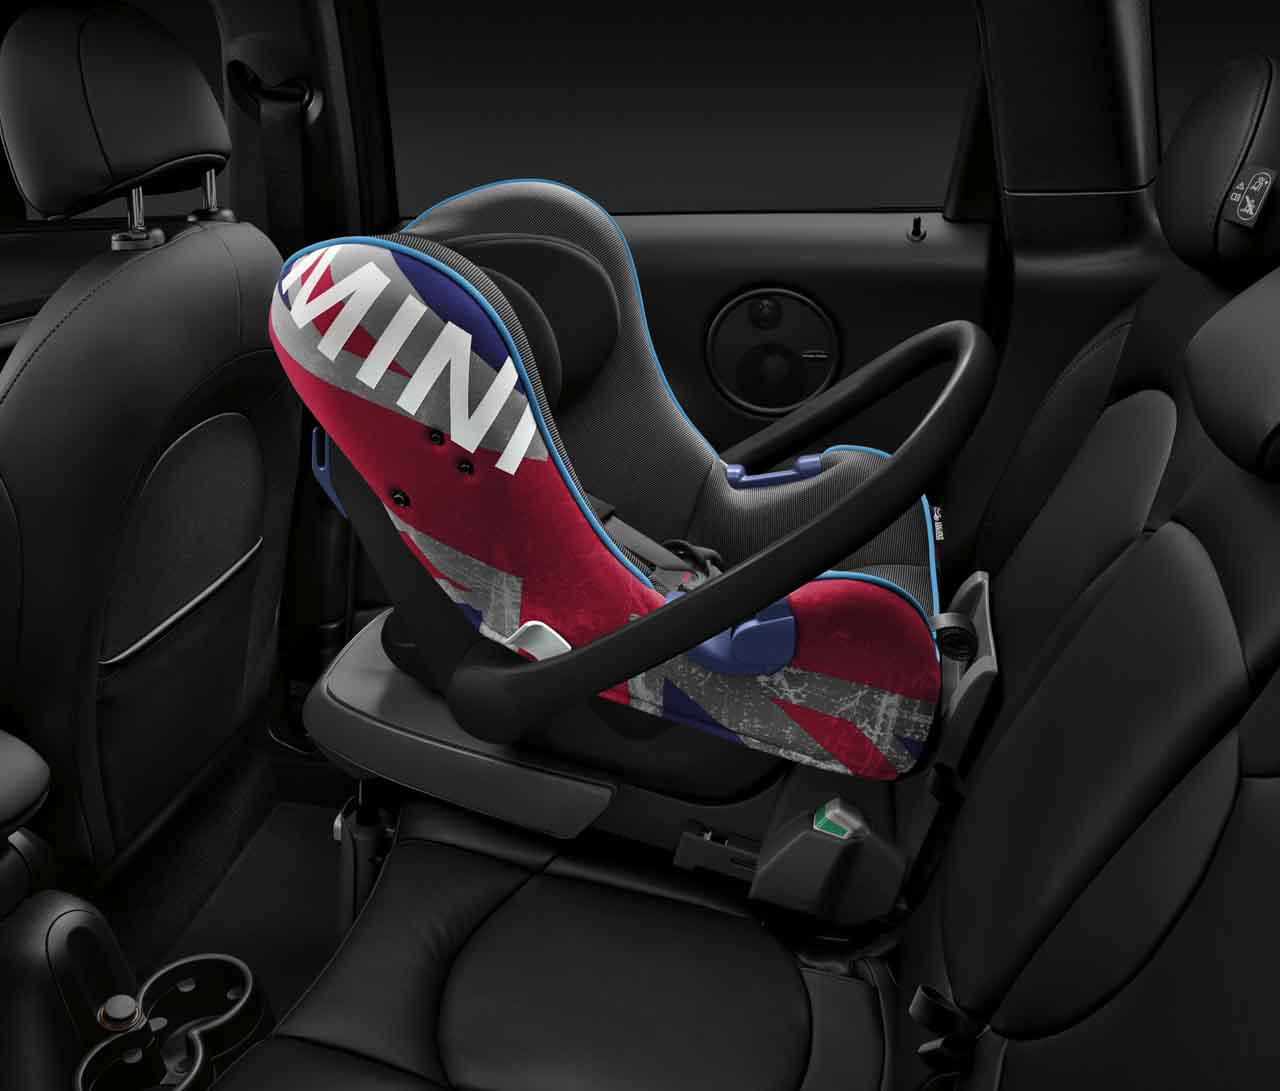 Mini Genuine Baby Child Safety Isofix Car Seat Group 0 Union Jack